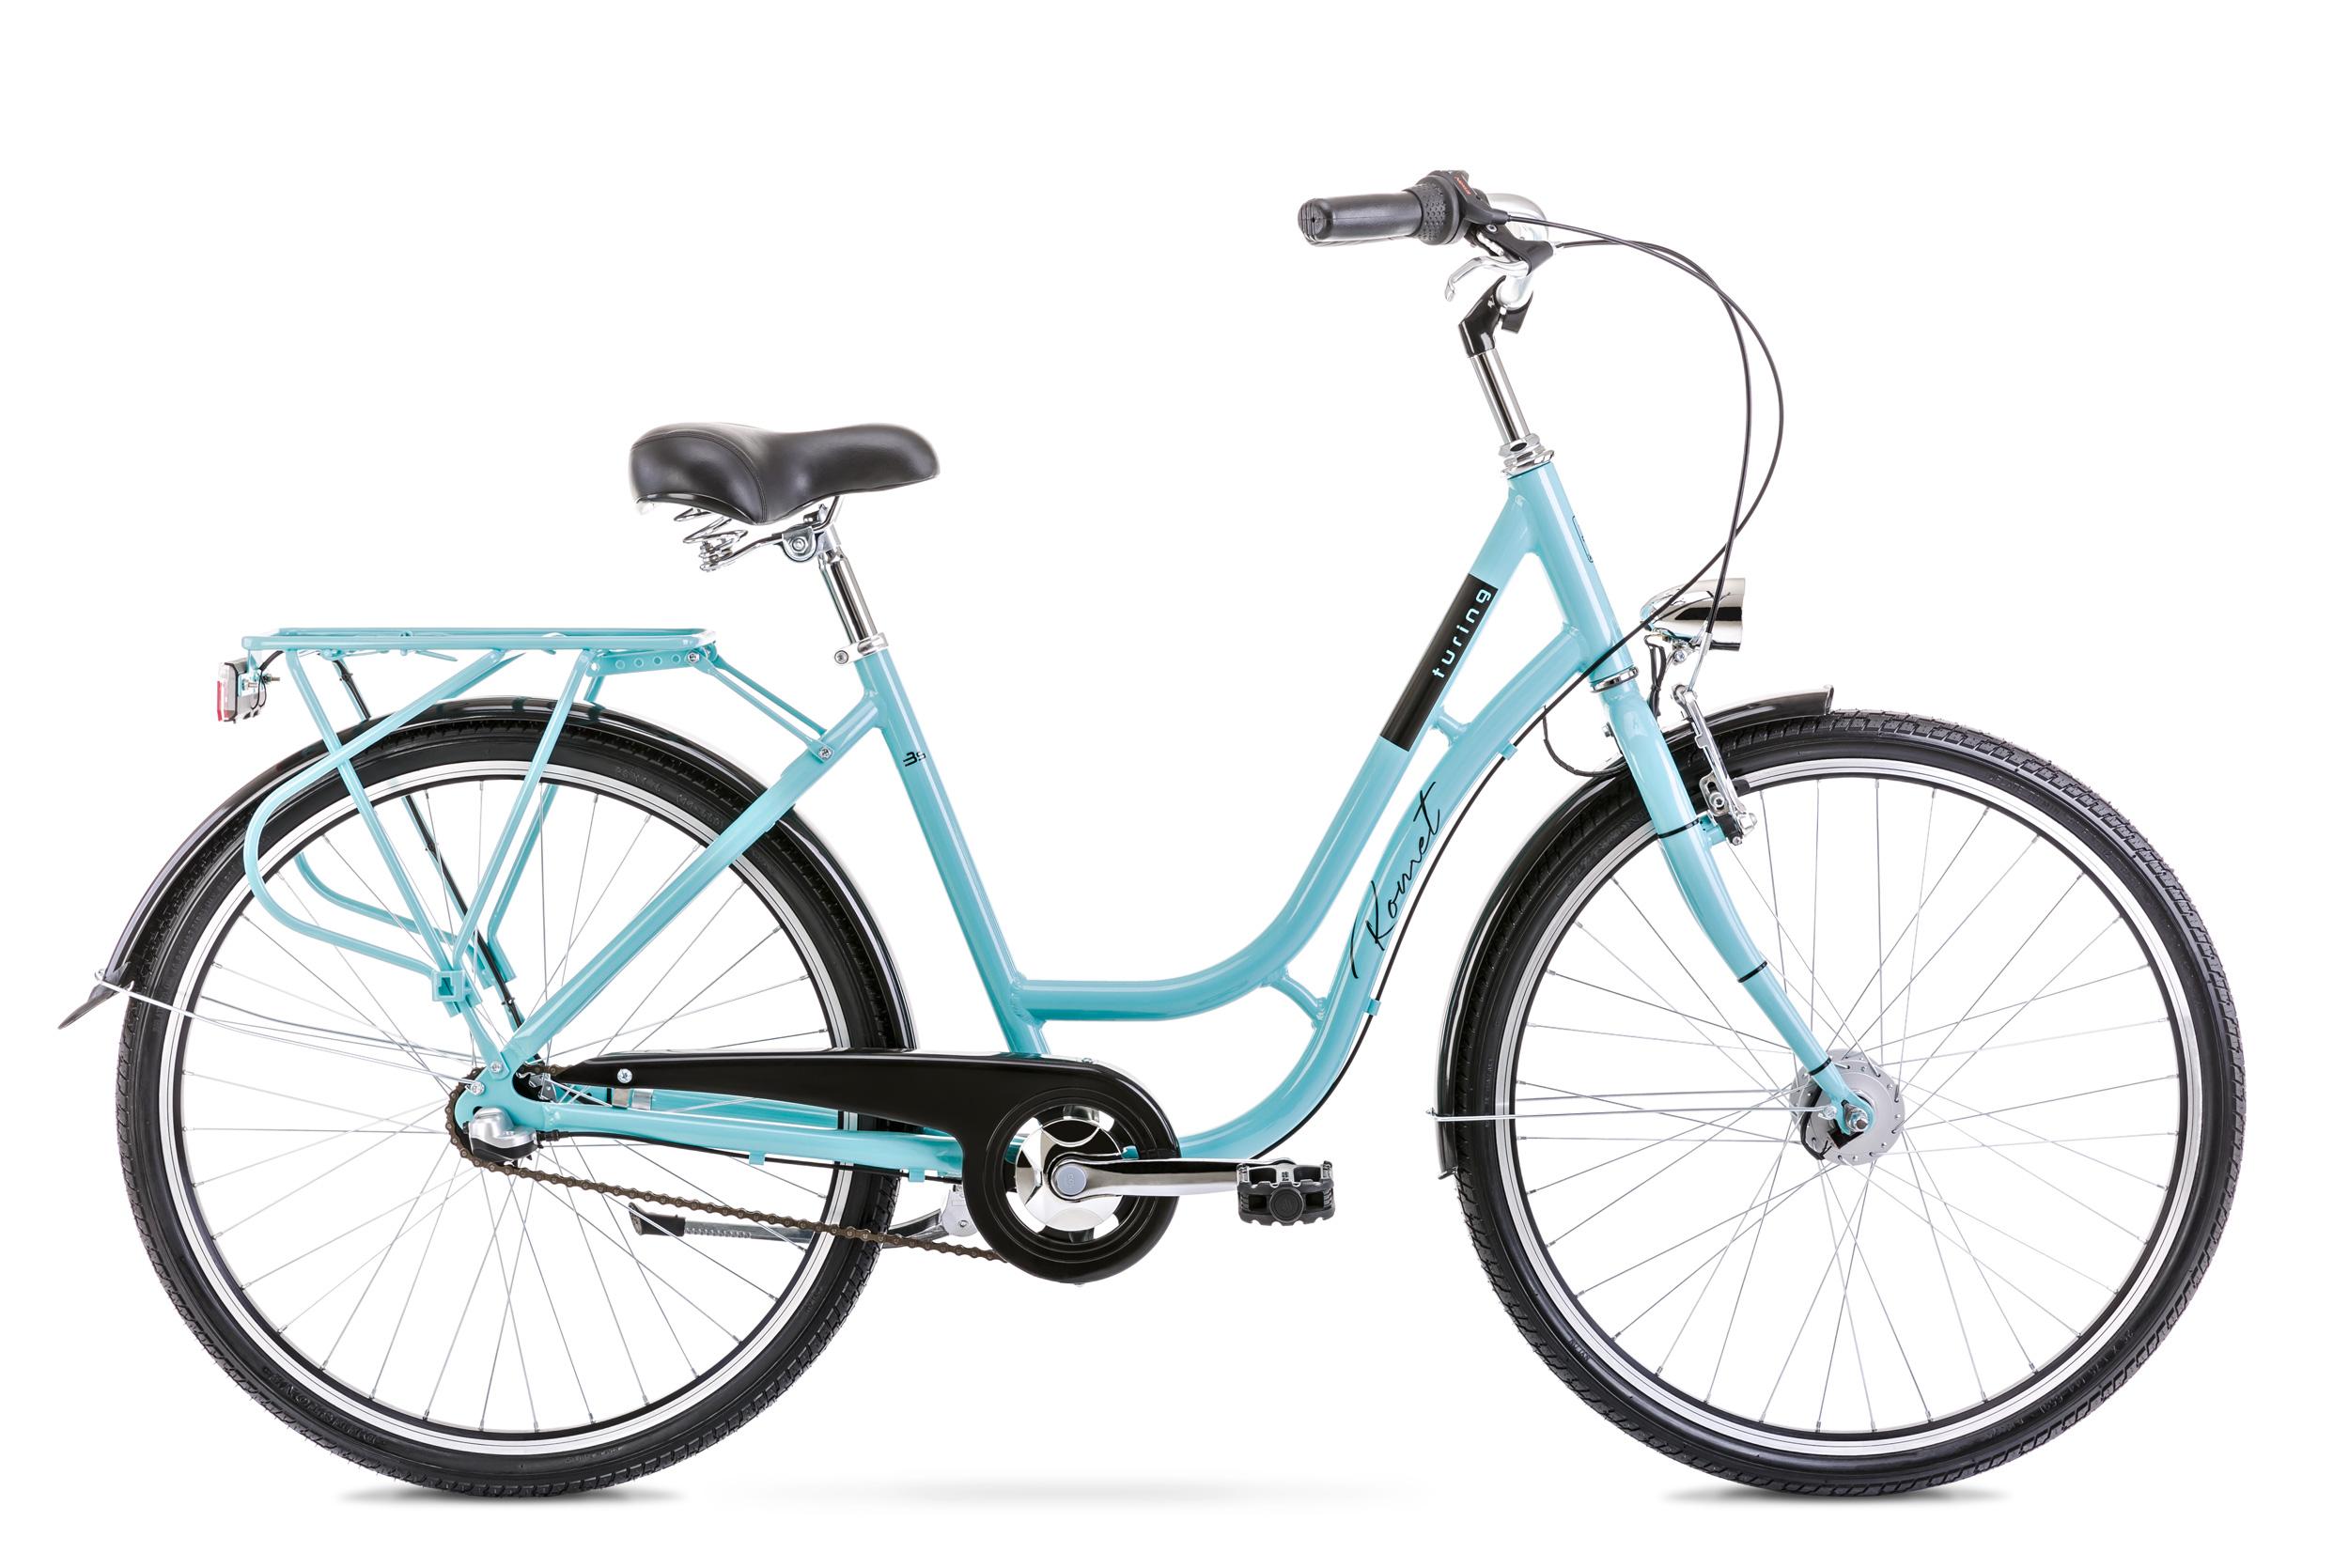 Bicicleta de oras pentru femei Romet Turing 3S Verde 2020 imagine